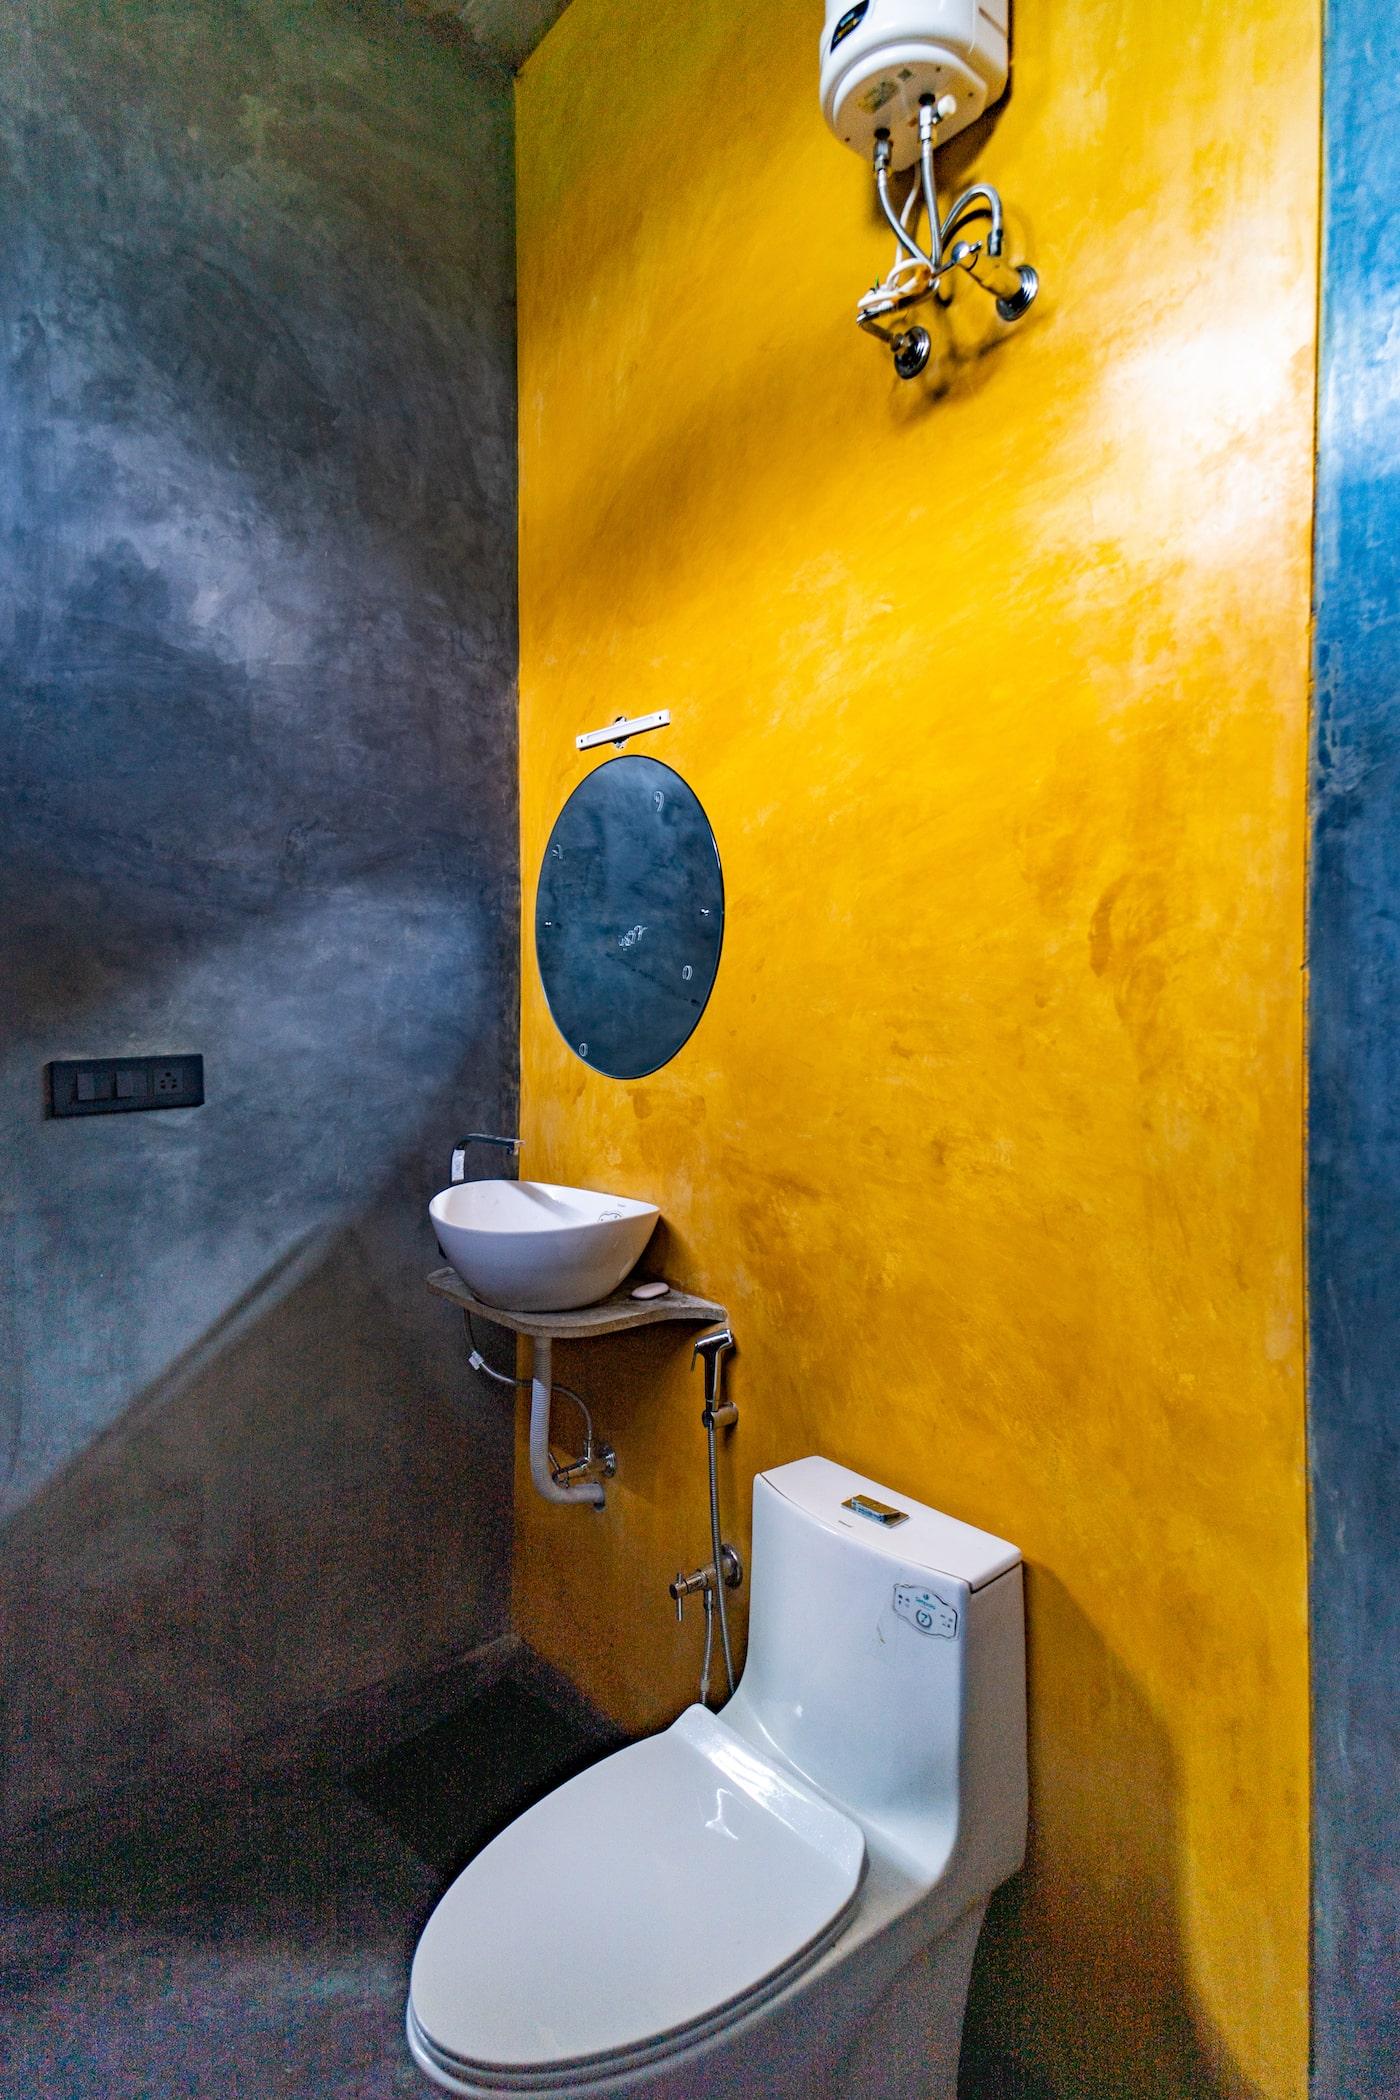 Concrete walls in bathroom